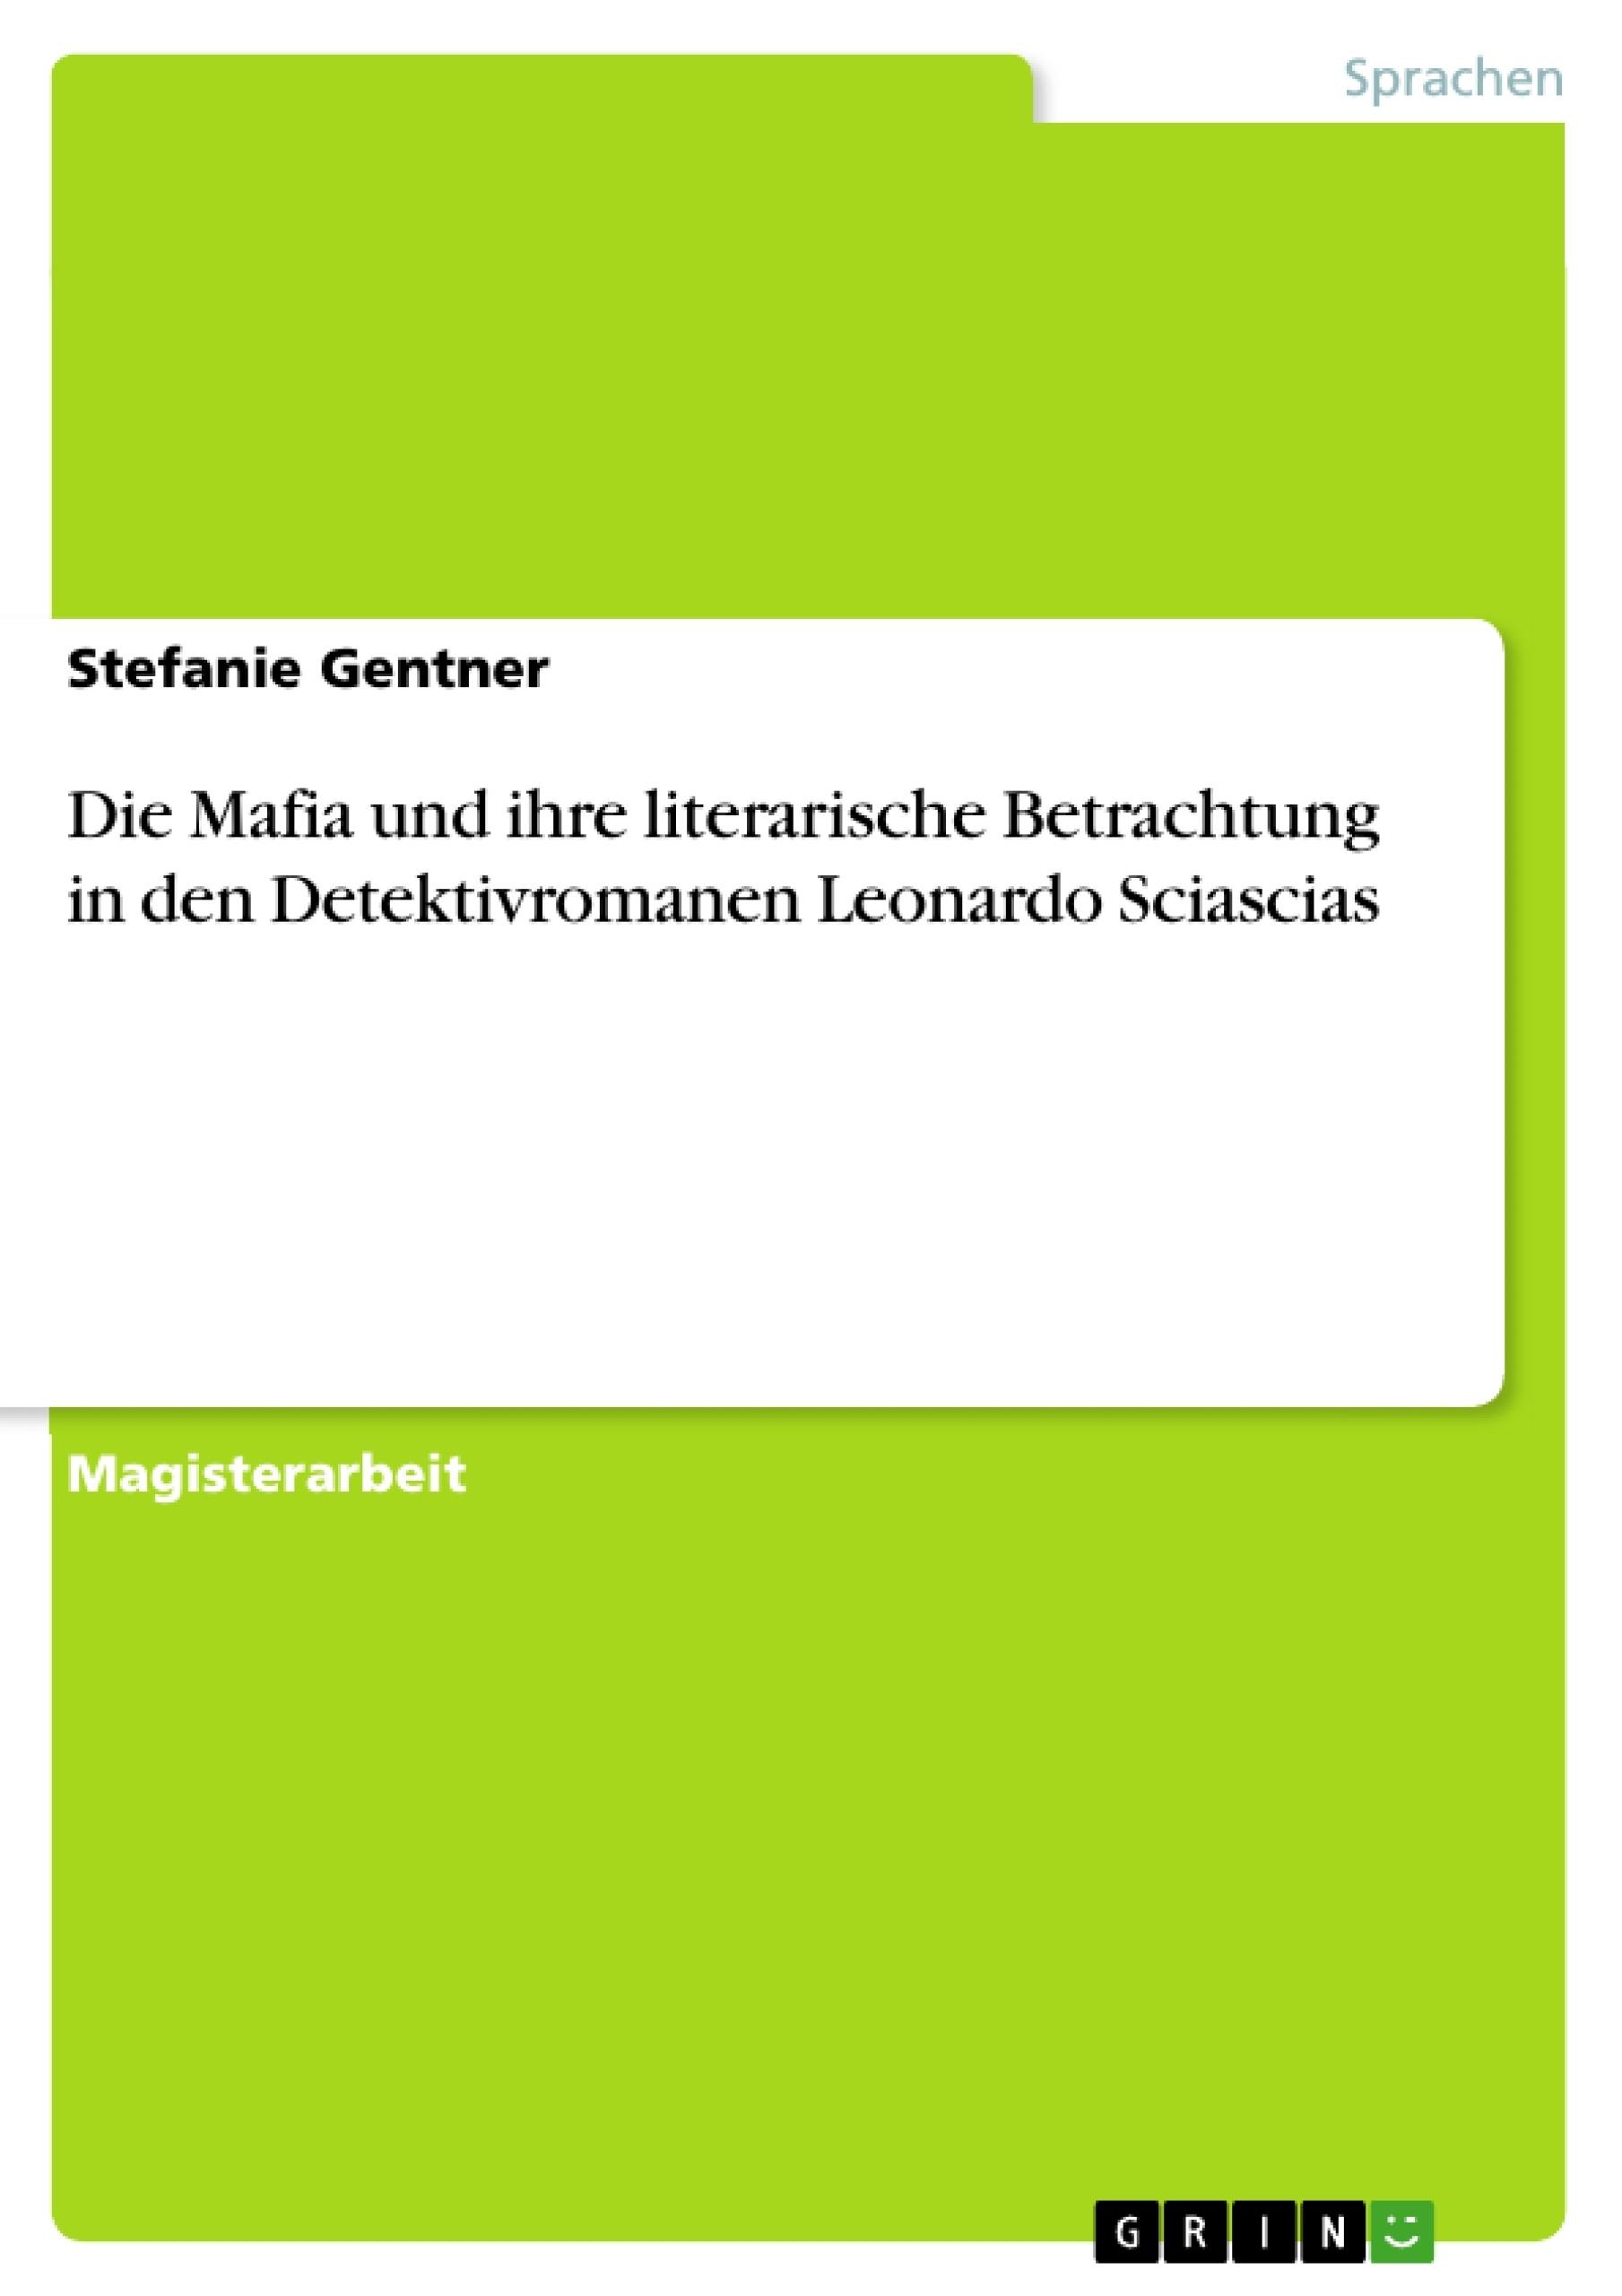 Titel: Die Mafia und ihre literarische Betrachtung in den Detektivromanen Leonardo Sciascias